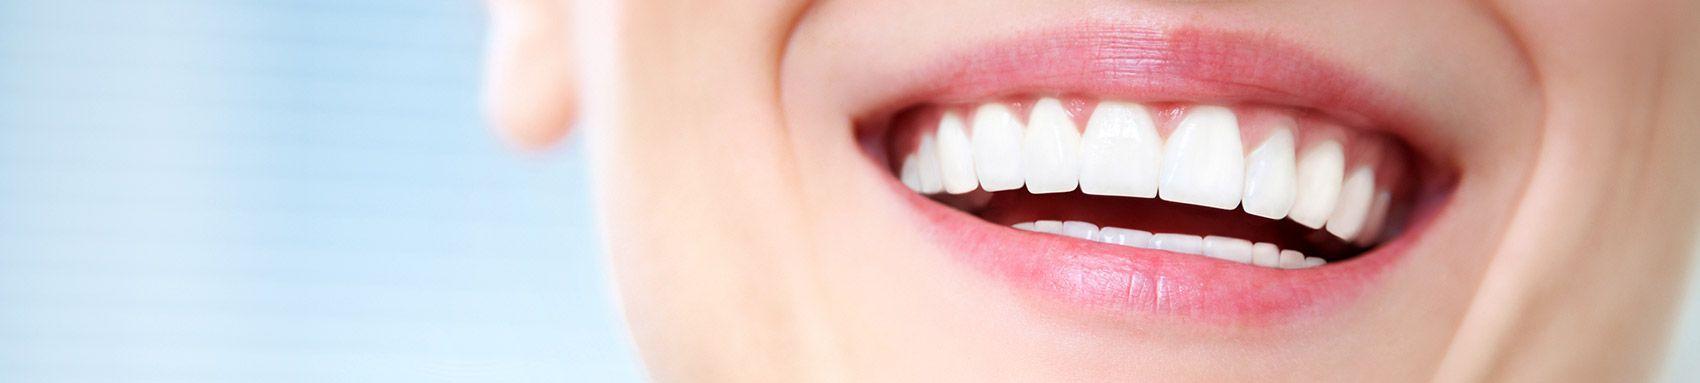 Dental Bridges - Earl E Gaball DDS